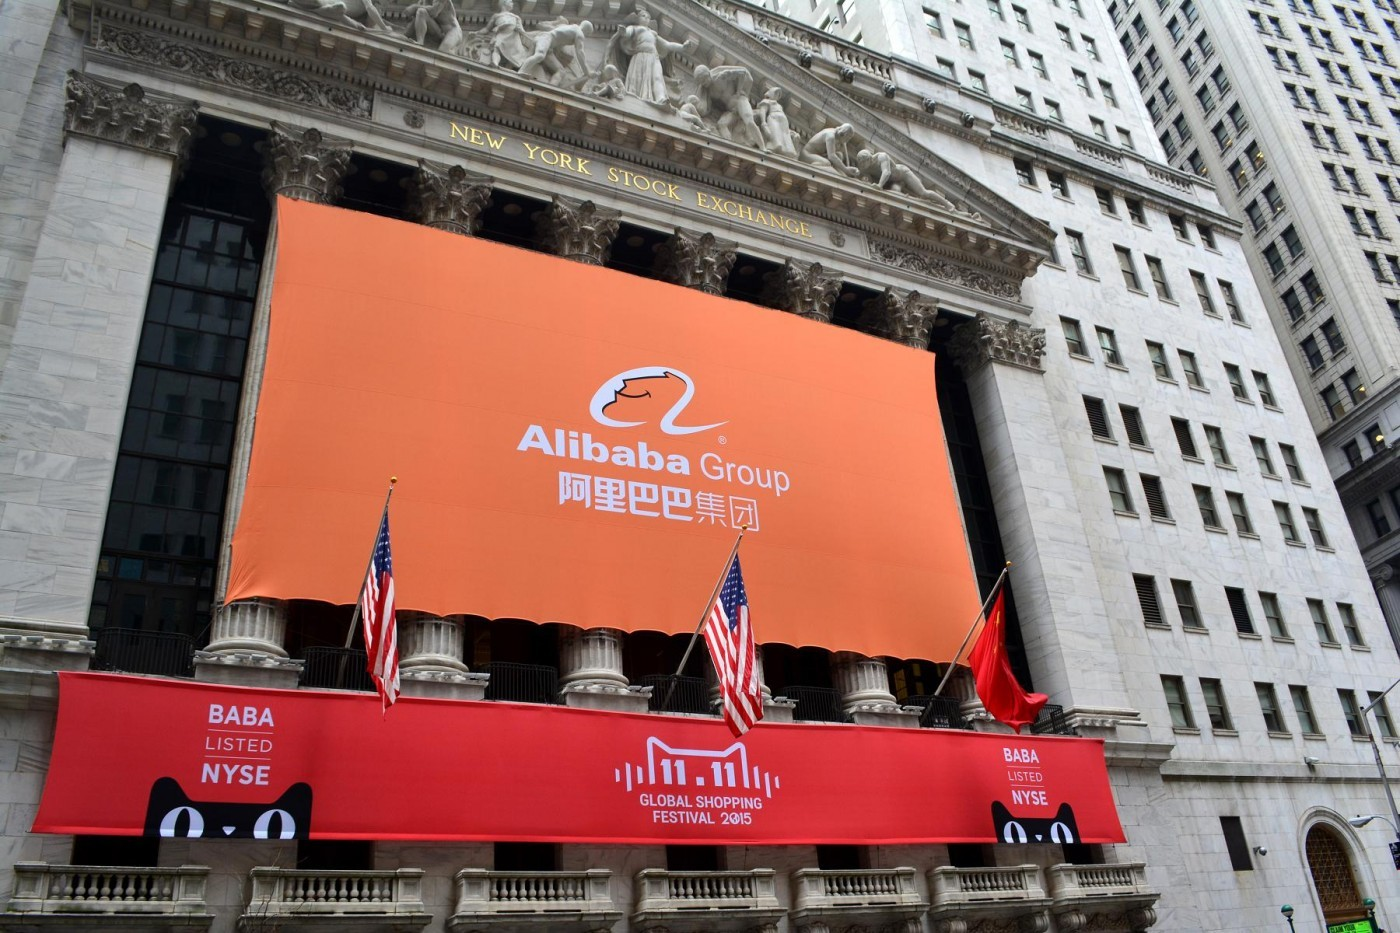 不怕拉低毛利率!阿里巴巴繼續耕耘新零售,鎖定更大的市場機會